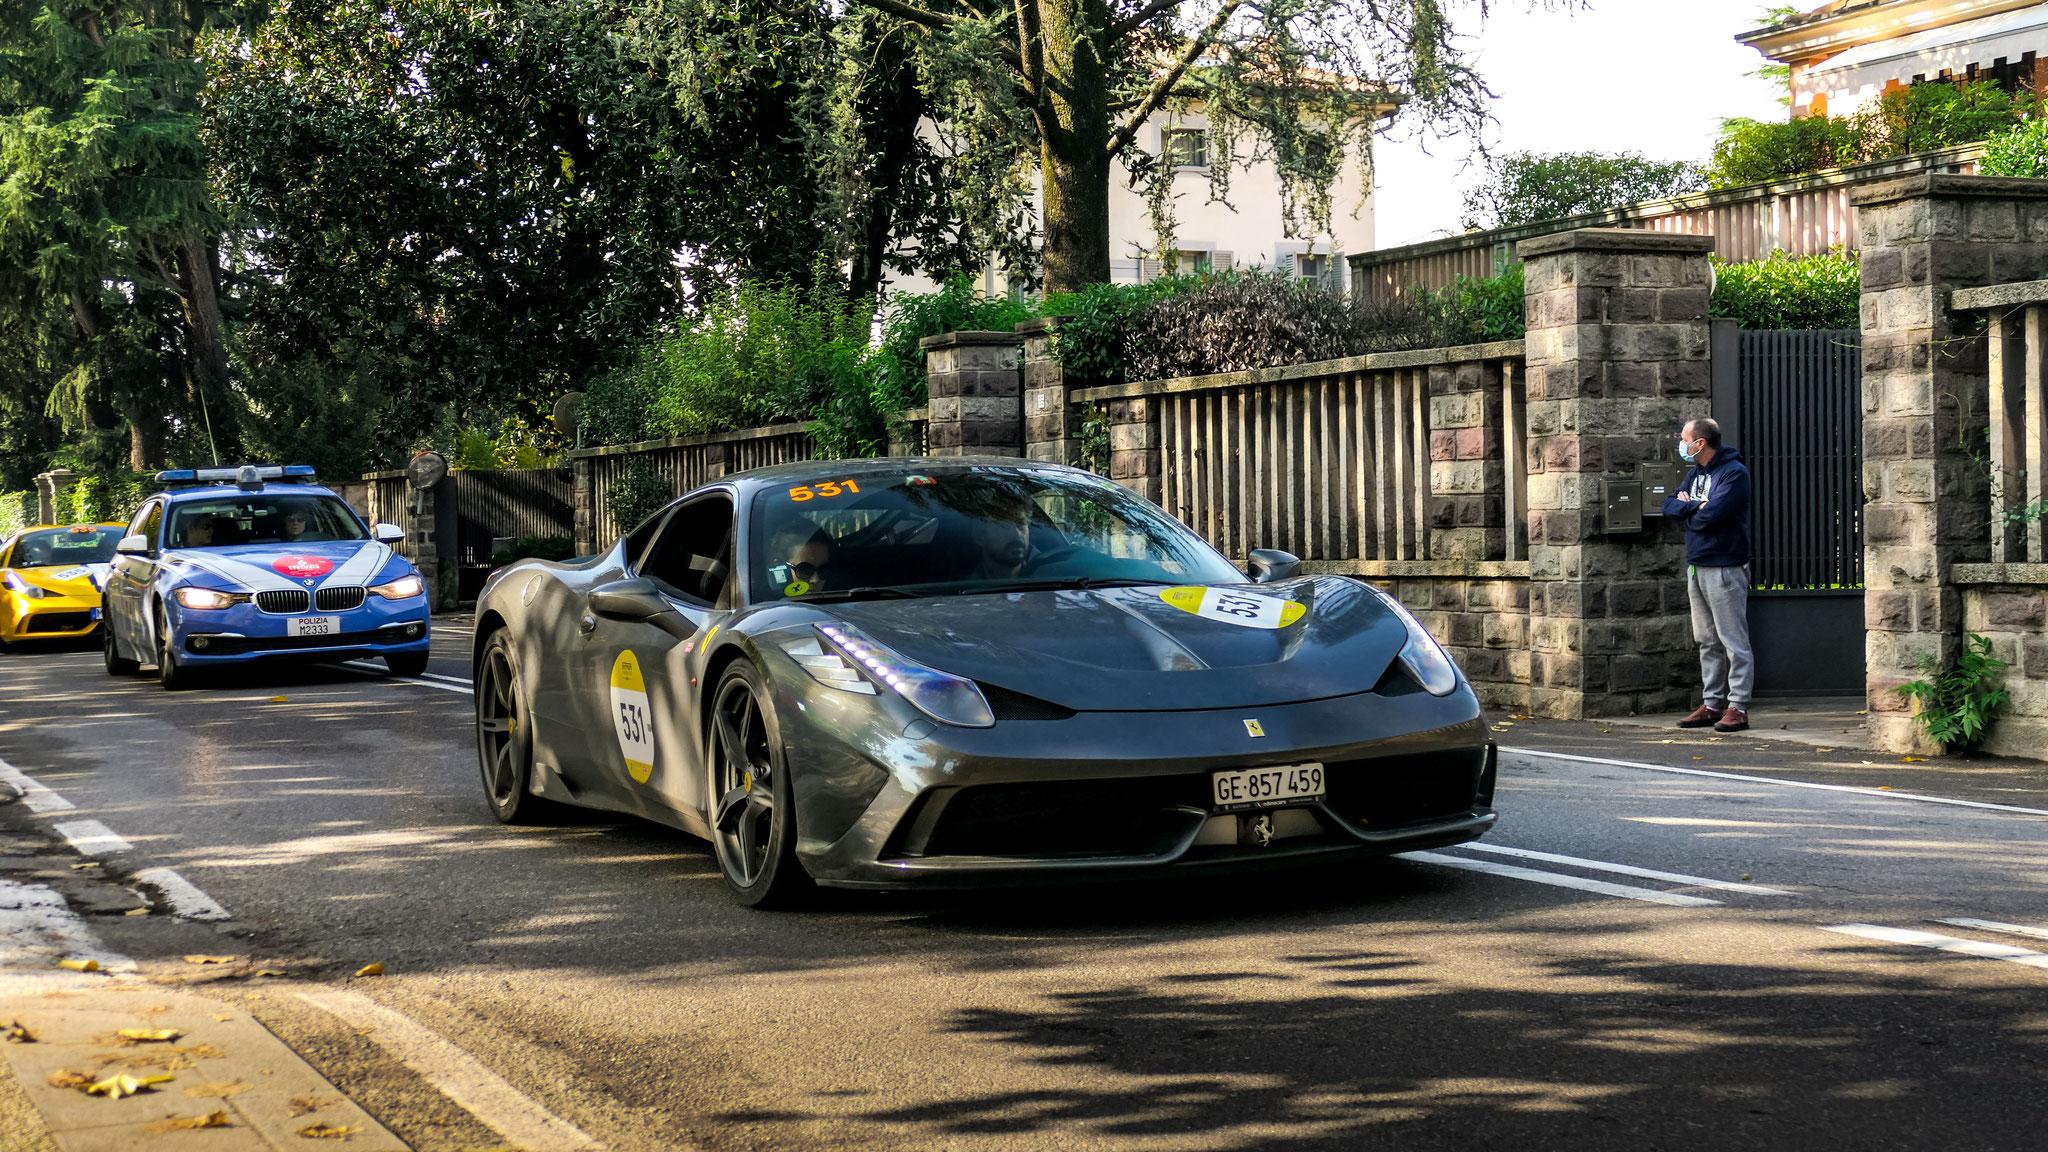 Ferrari 458 Speciale - GE-857459 (CH)